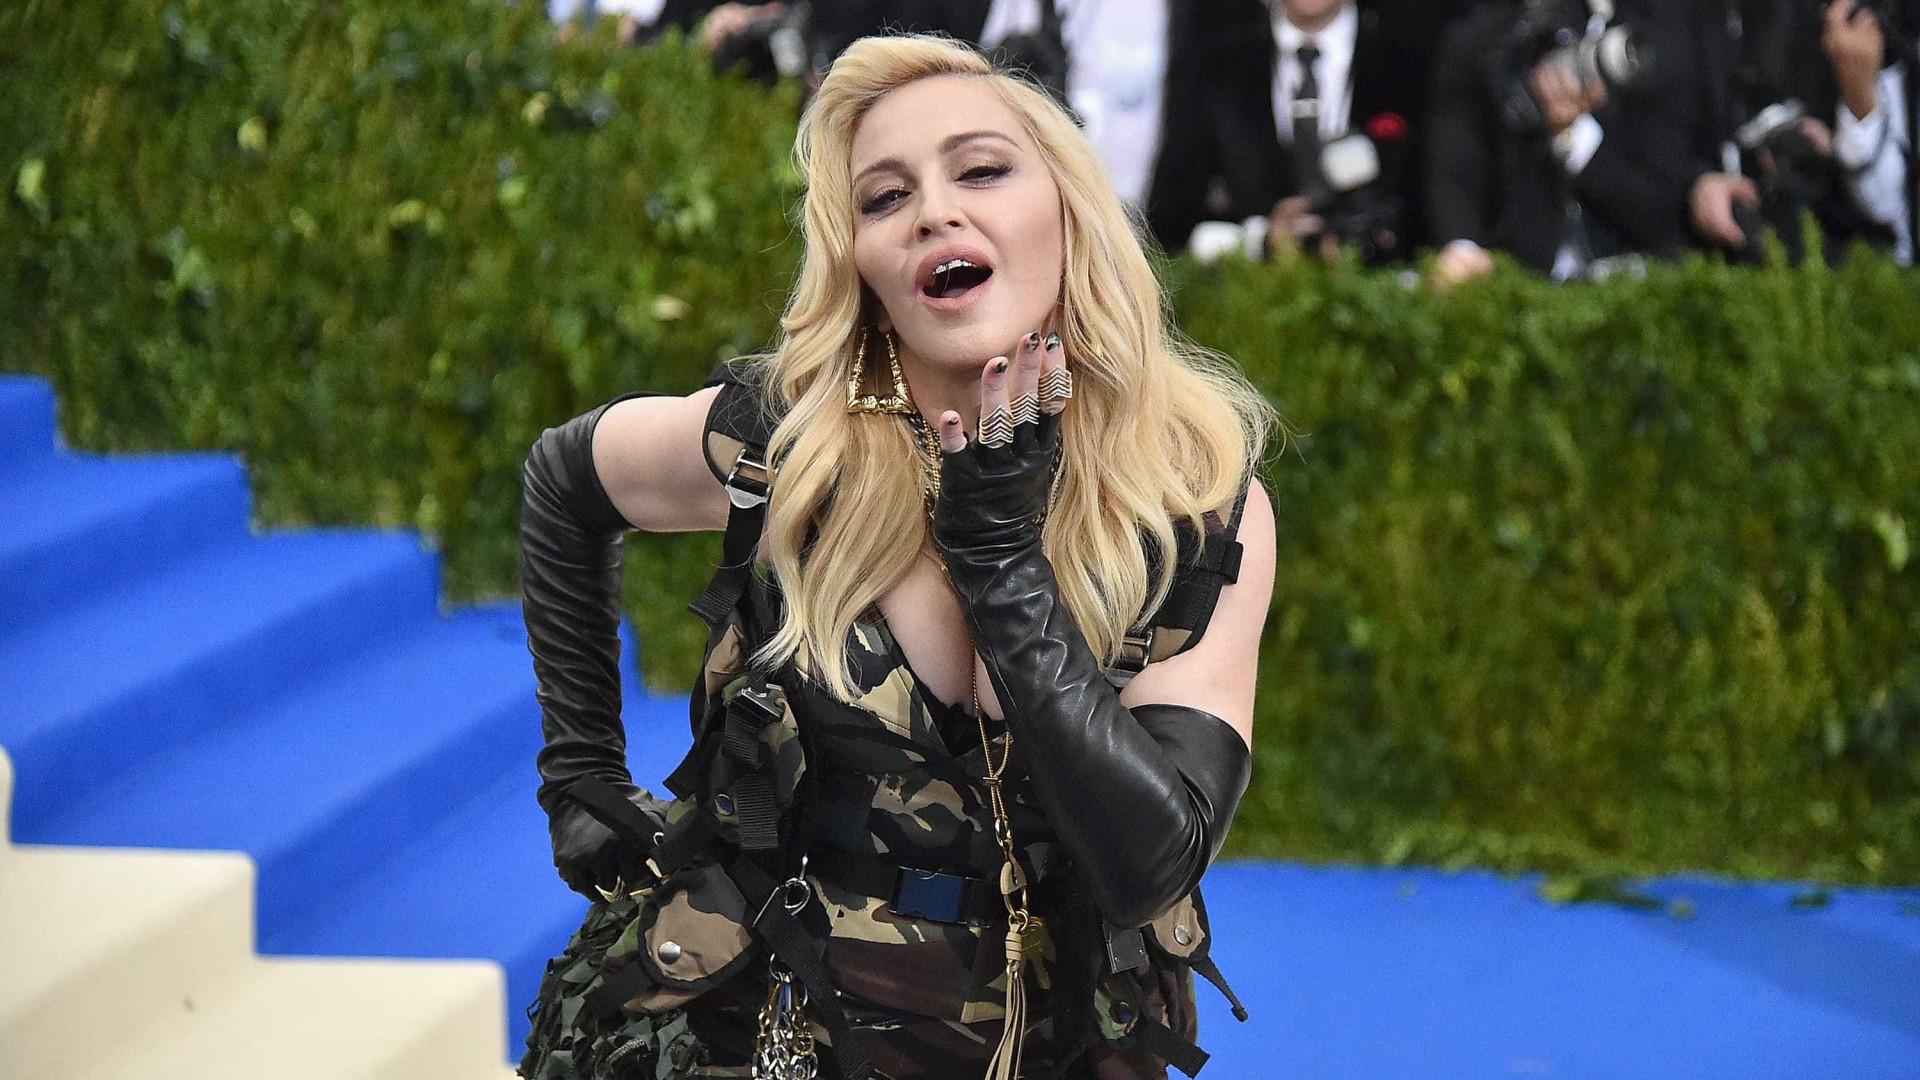 Em entrevista, Madonna surpreende e revela novo namorado; conheça